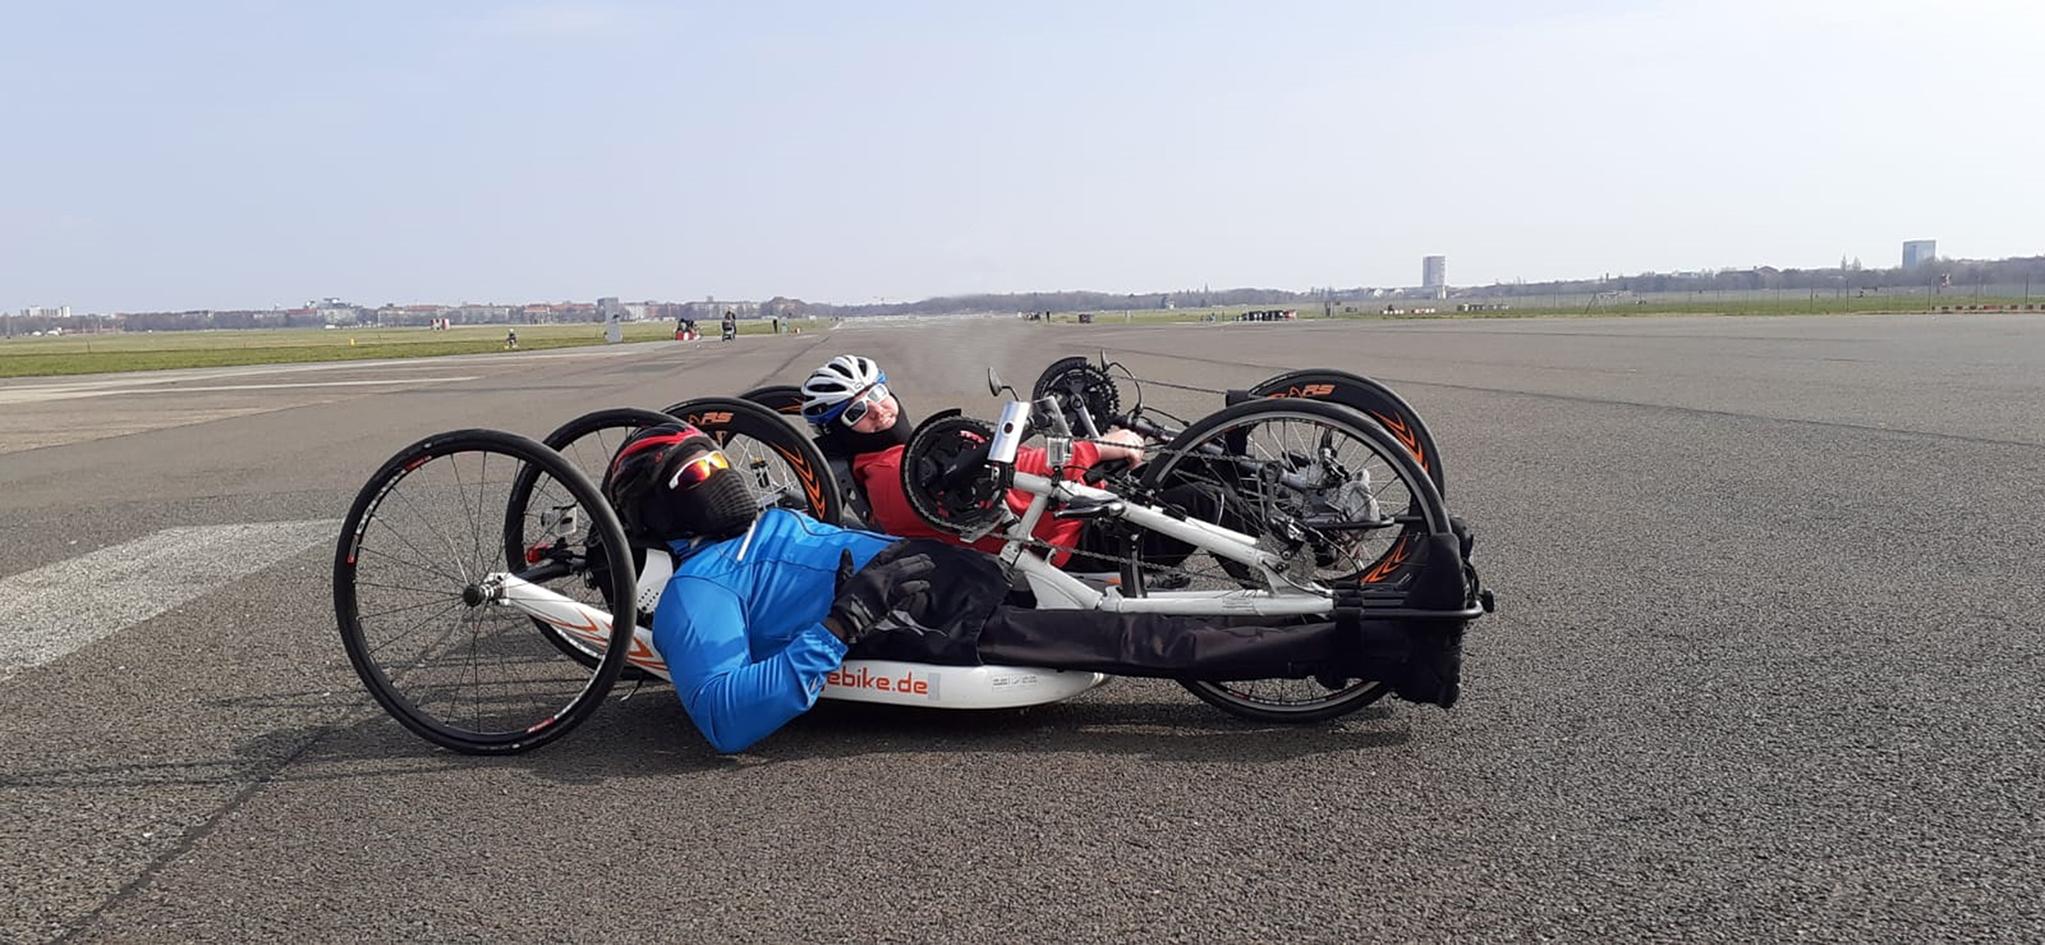 Ein Foto zeigt Christoph Pisarz in einem Liegebike. Neben ihm ein weiterer Fahrer. Beide haben Helme auf und liegen flach, knapp über dem Boden in einem dreirädrigen aerodynamisch geformten Gefährt. In Höhe der Hände ist eine Handkurbel angebracht, über deren Drehen man sich fortbewegen kann, Foto: André Dounia.